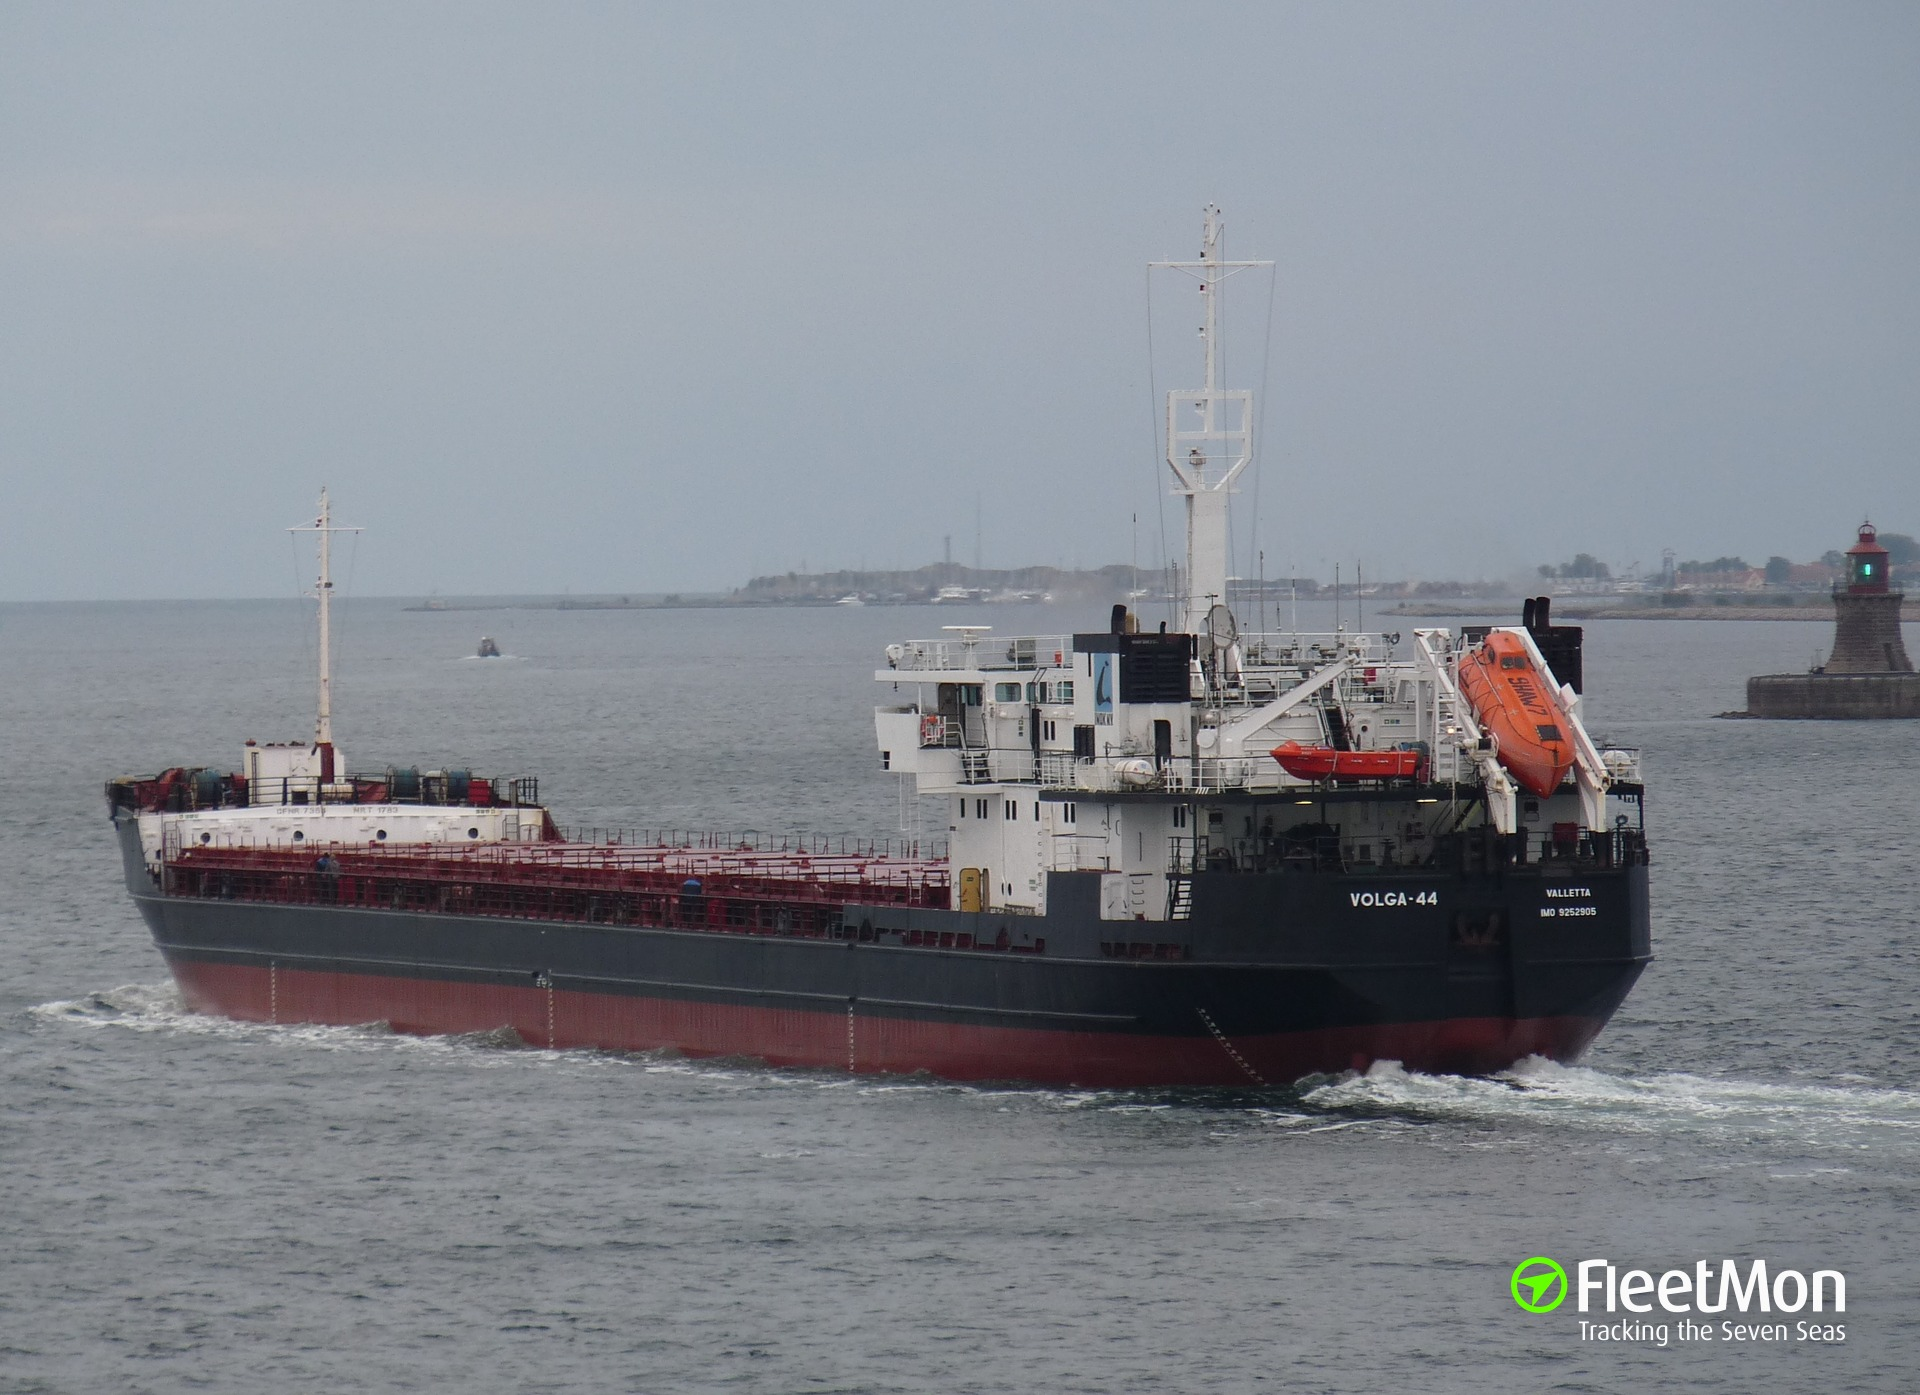 Freighter VOLGA-44 grounding